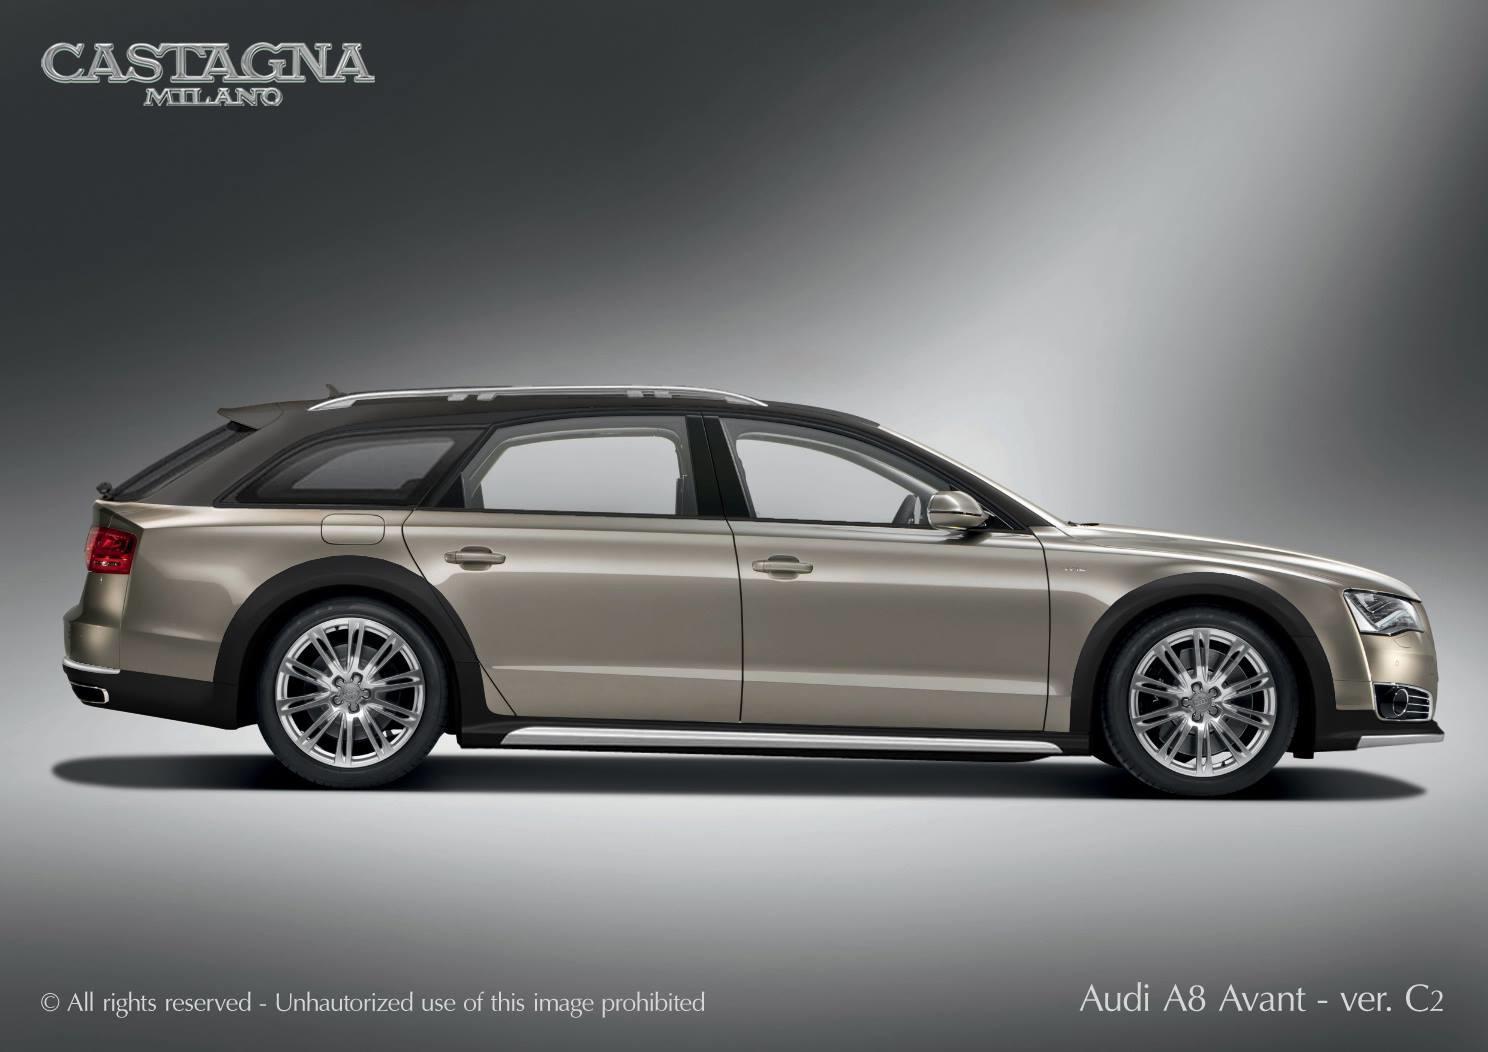 Audi A8 Avant Allroad de la Castagna Milano - Audi A8 Avant Allroad de la Castagna Milano